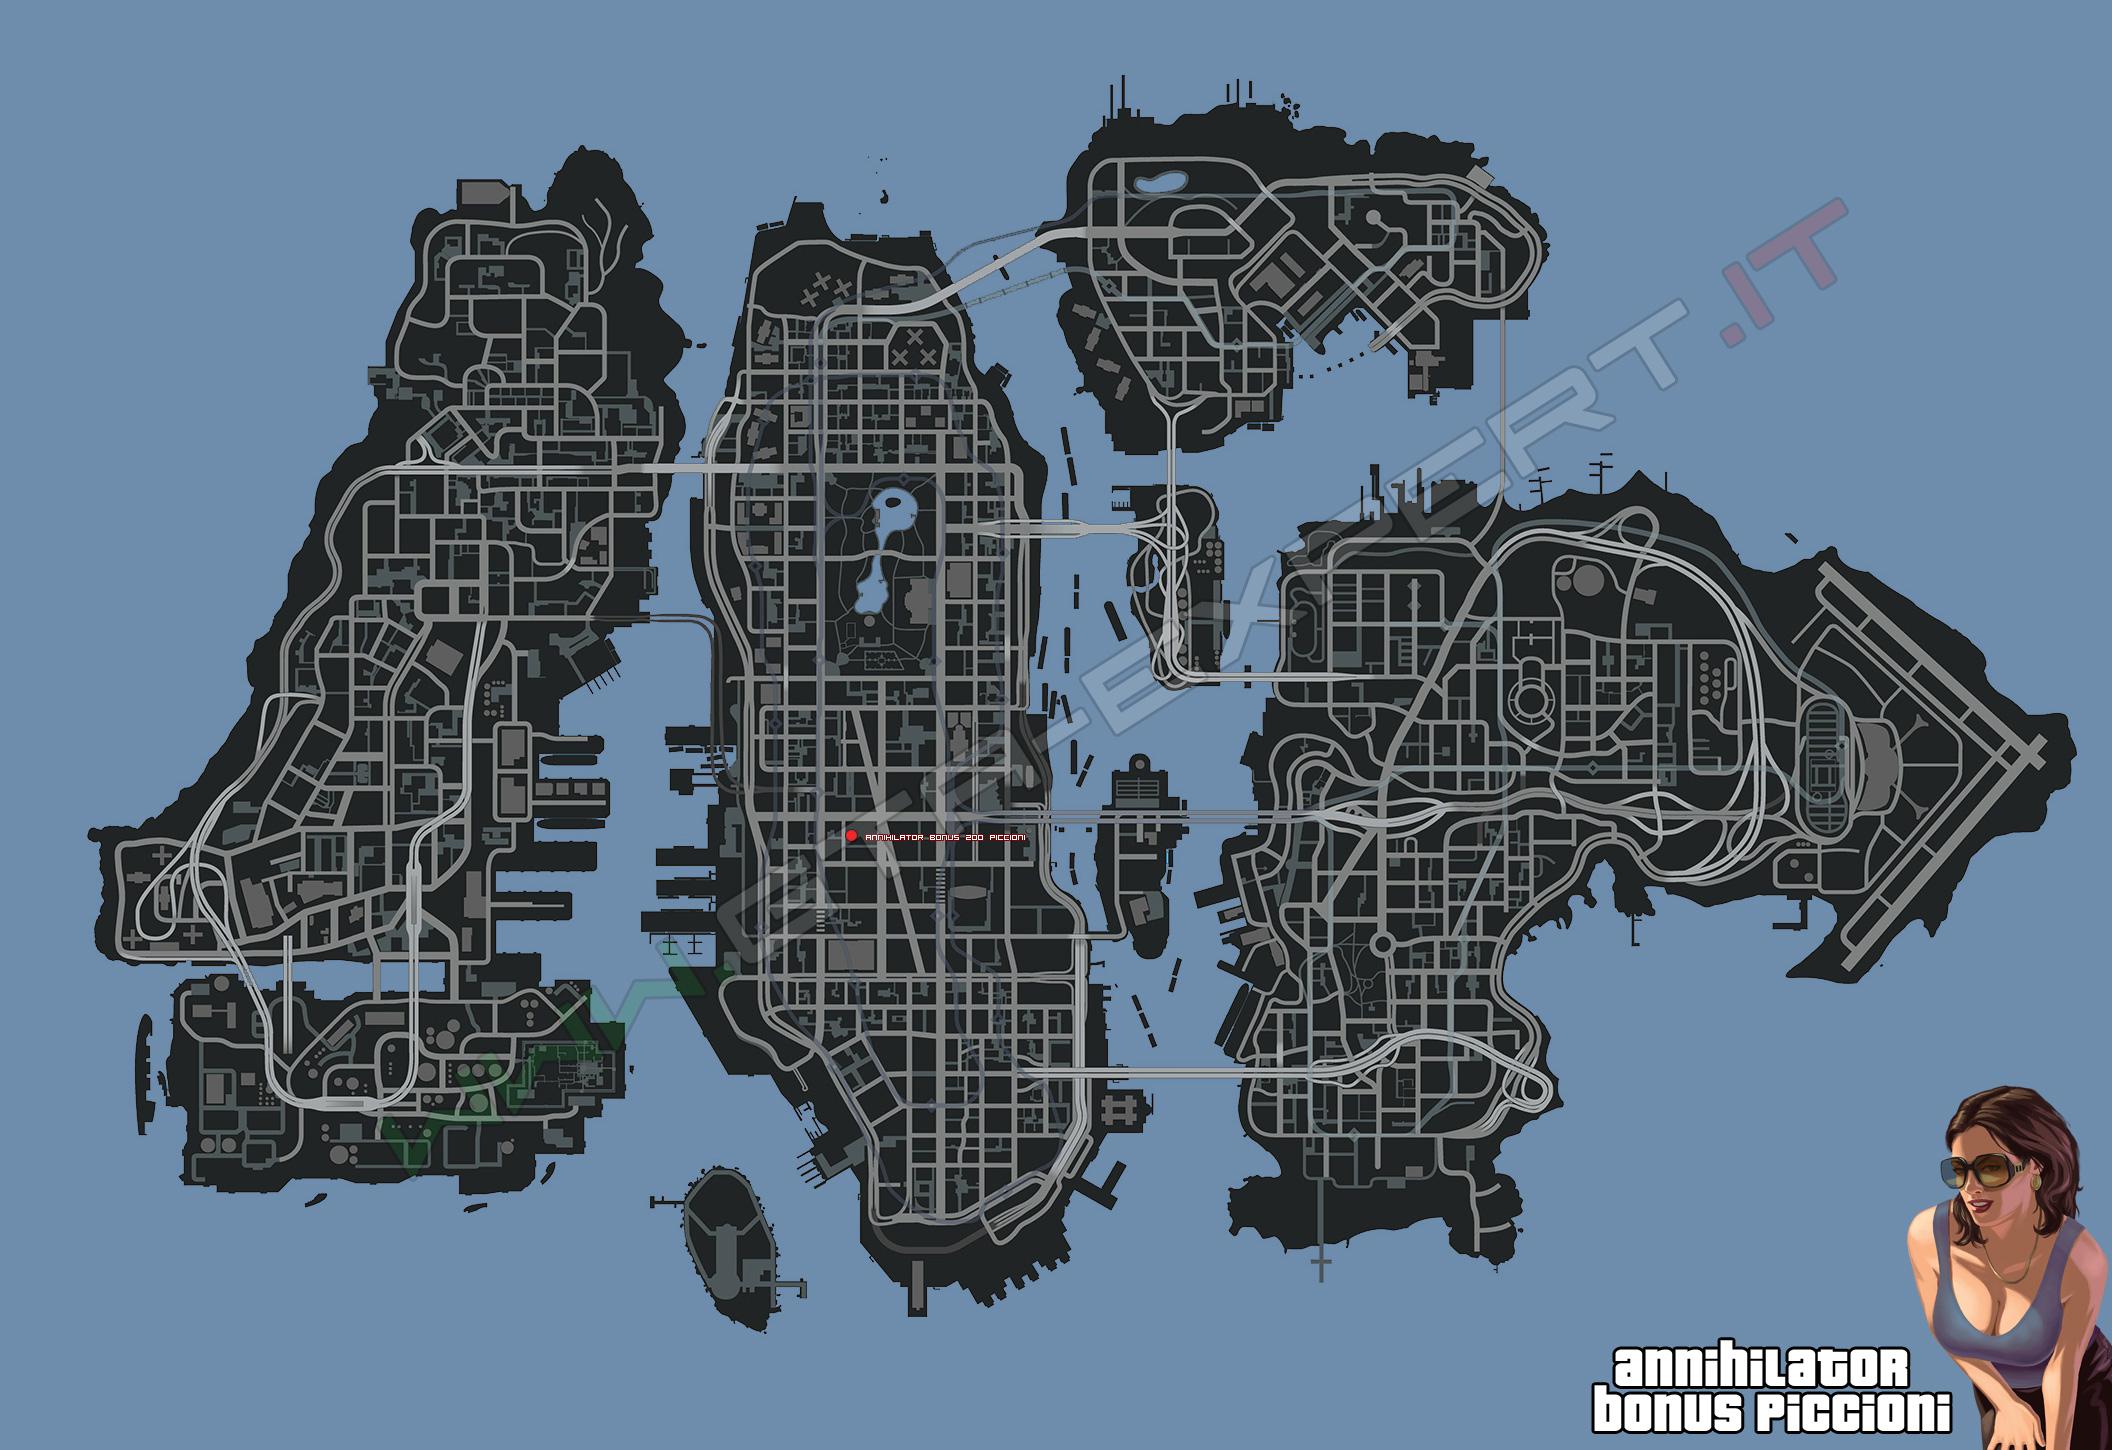 Gta V Elicottero Mappa : Mappe gta iv expert